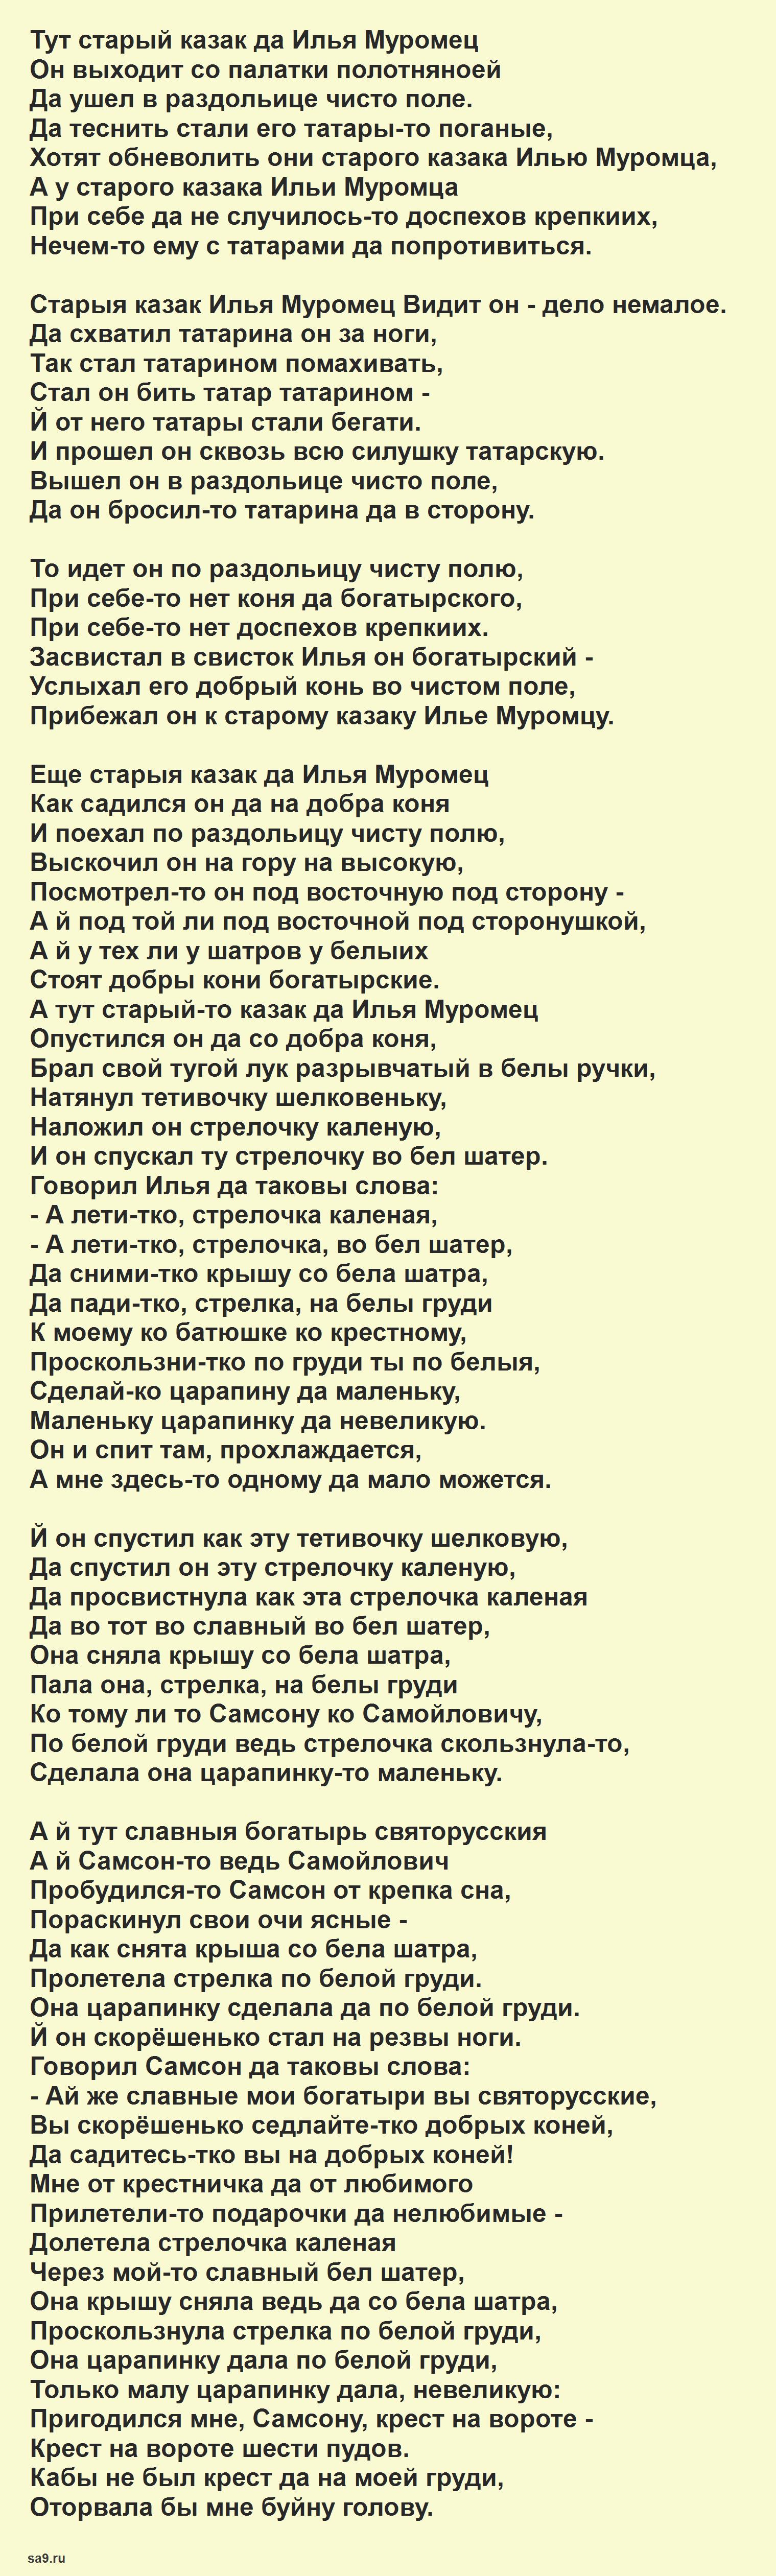 Читать былину - Илья Муромец и Калин царь, полностью